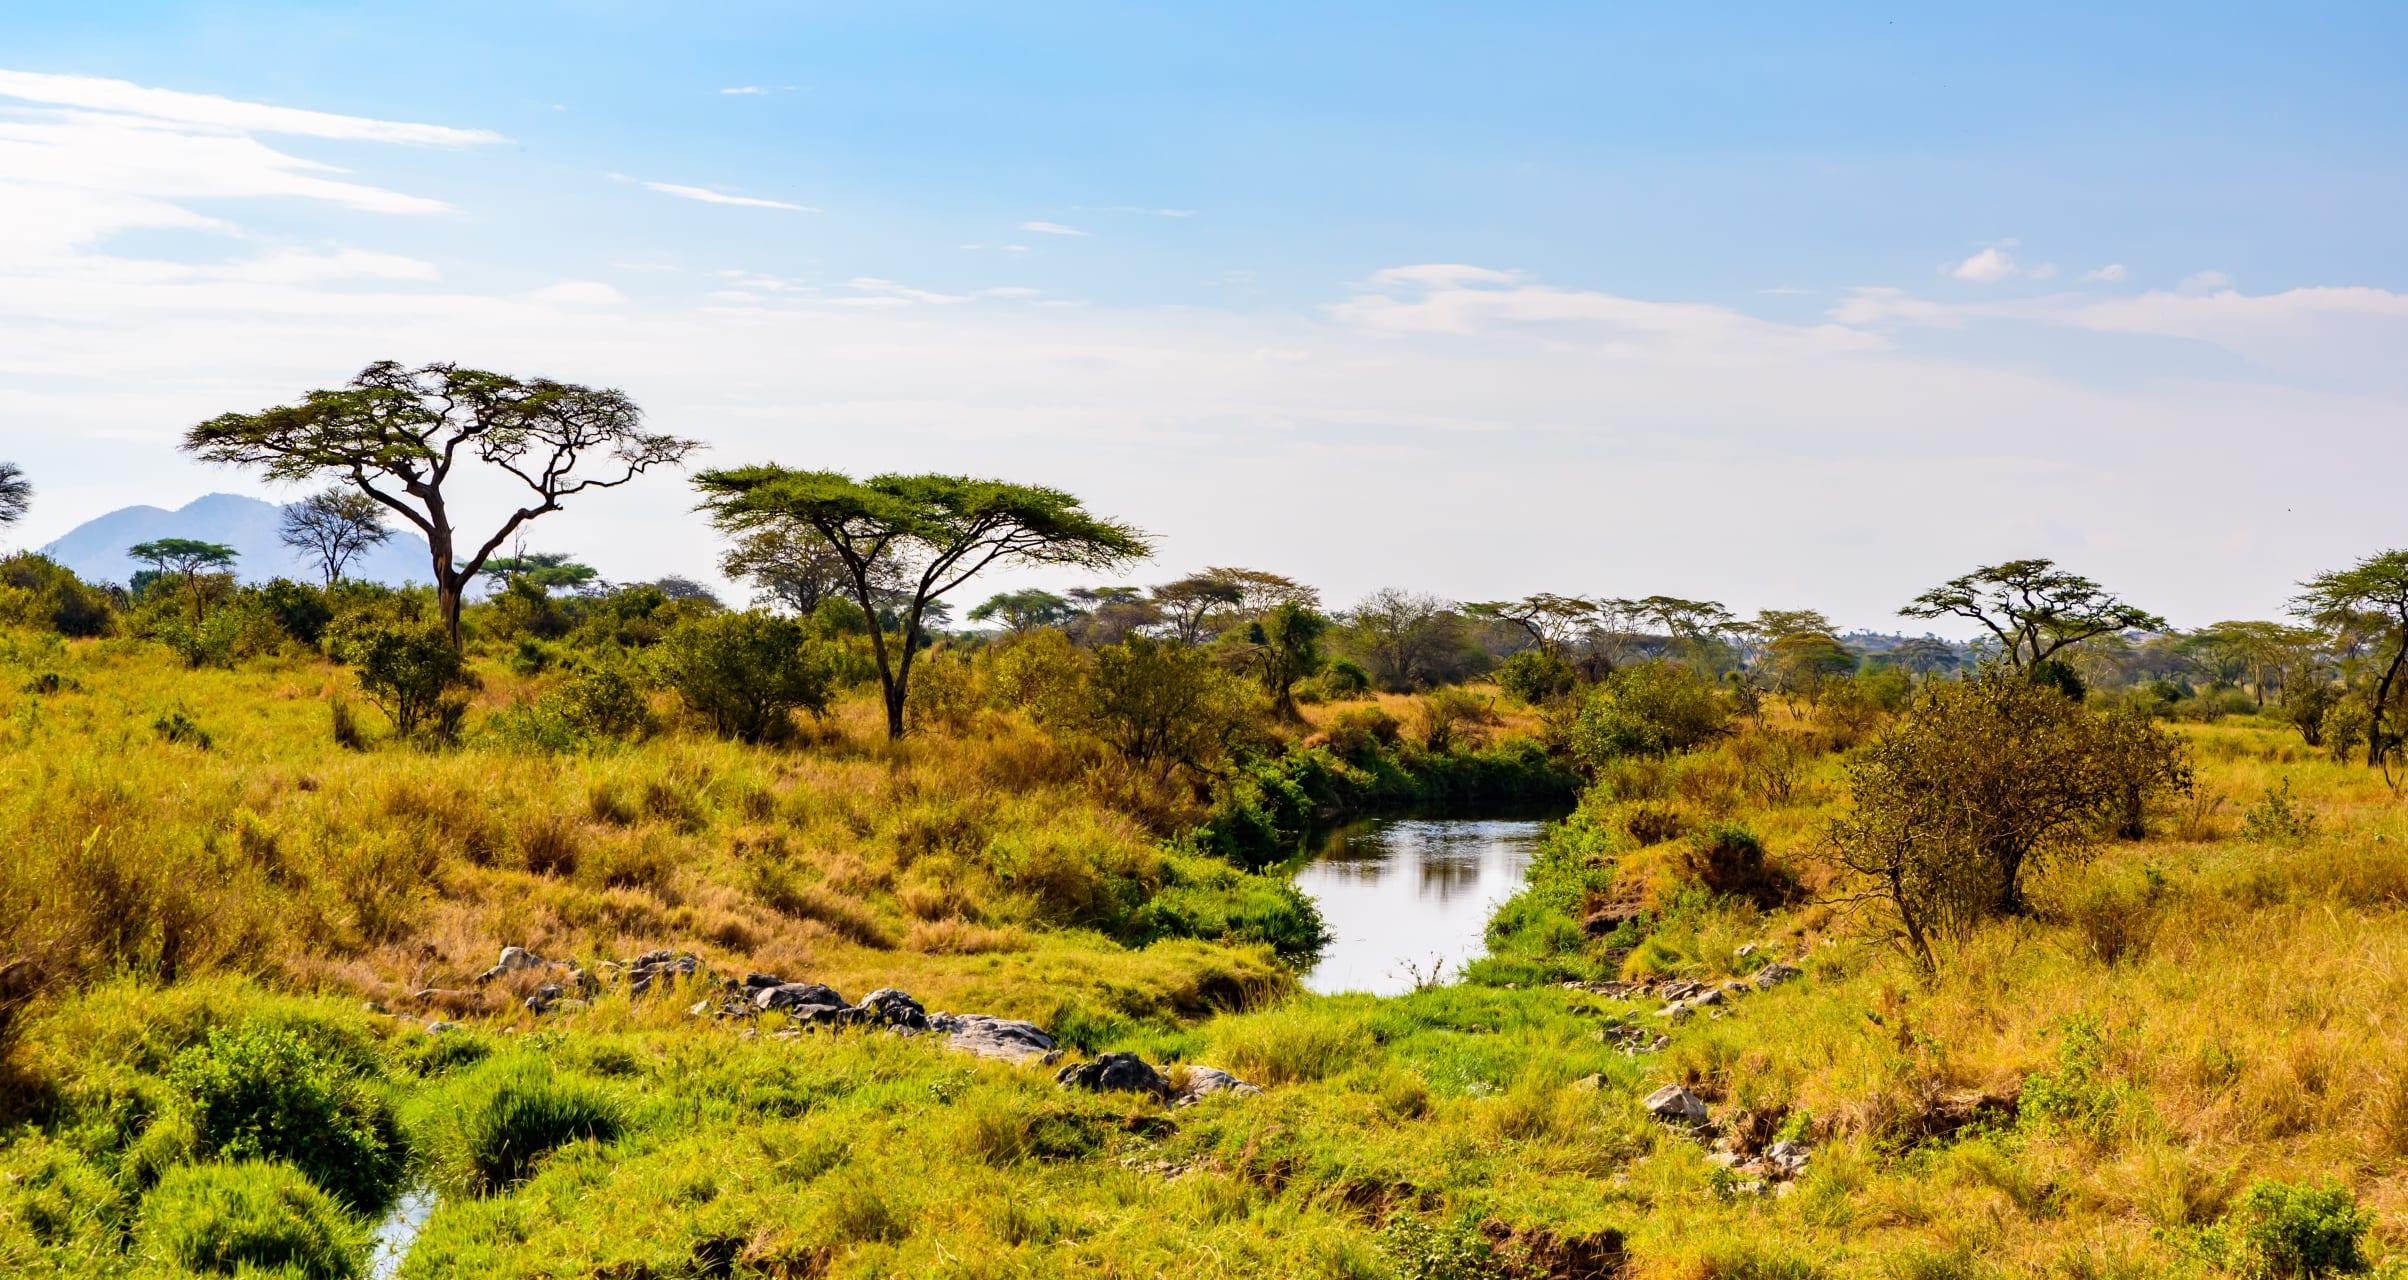 The Serengeti - The Serengeti National Park